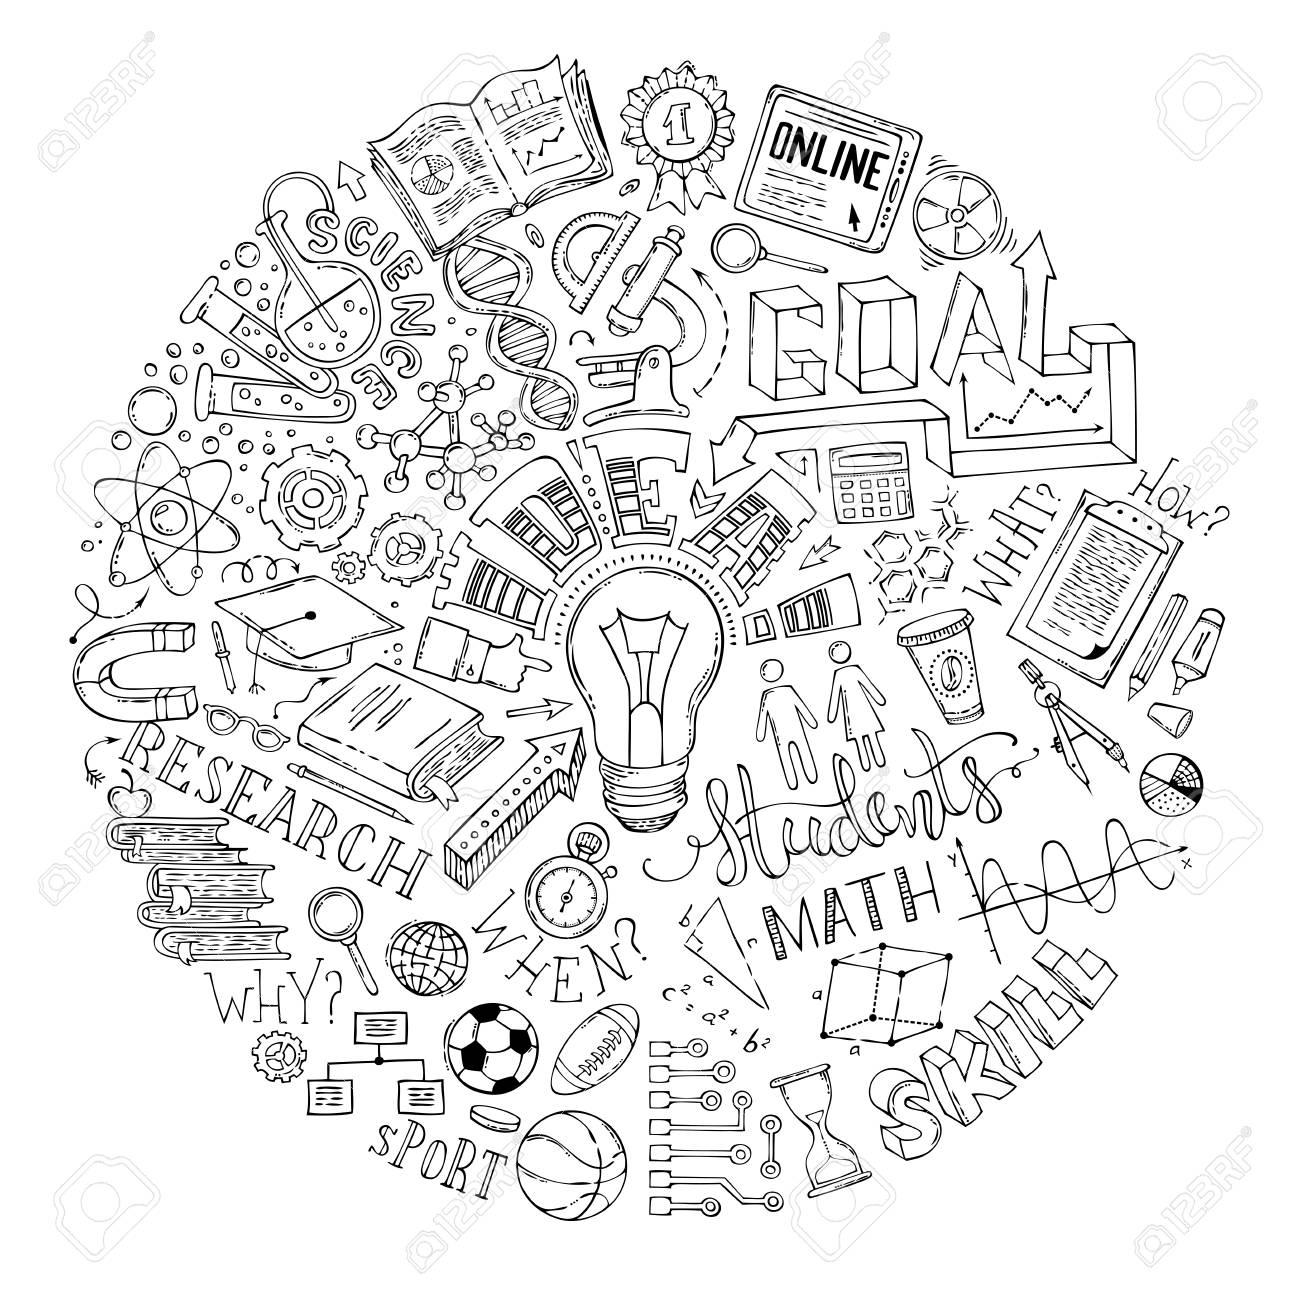 Vector Doodles Concepto De La Educación Ciencia Matemáticas Laboratorio Química Investigación De Símbolos Y Elementos Círculo Dibujado A Mano